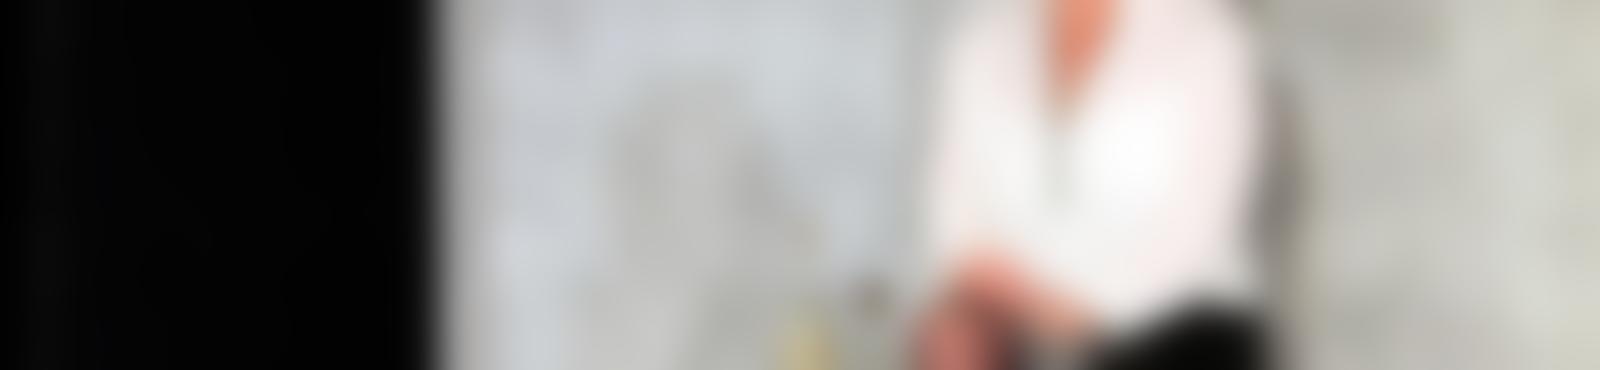 Blurred c464b213 f09b 4697 85f7 10f44cc7e44a